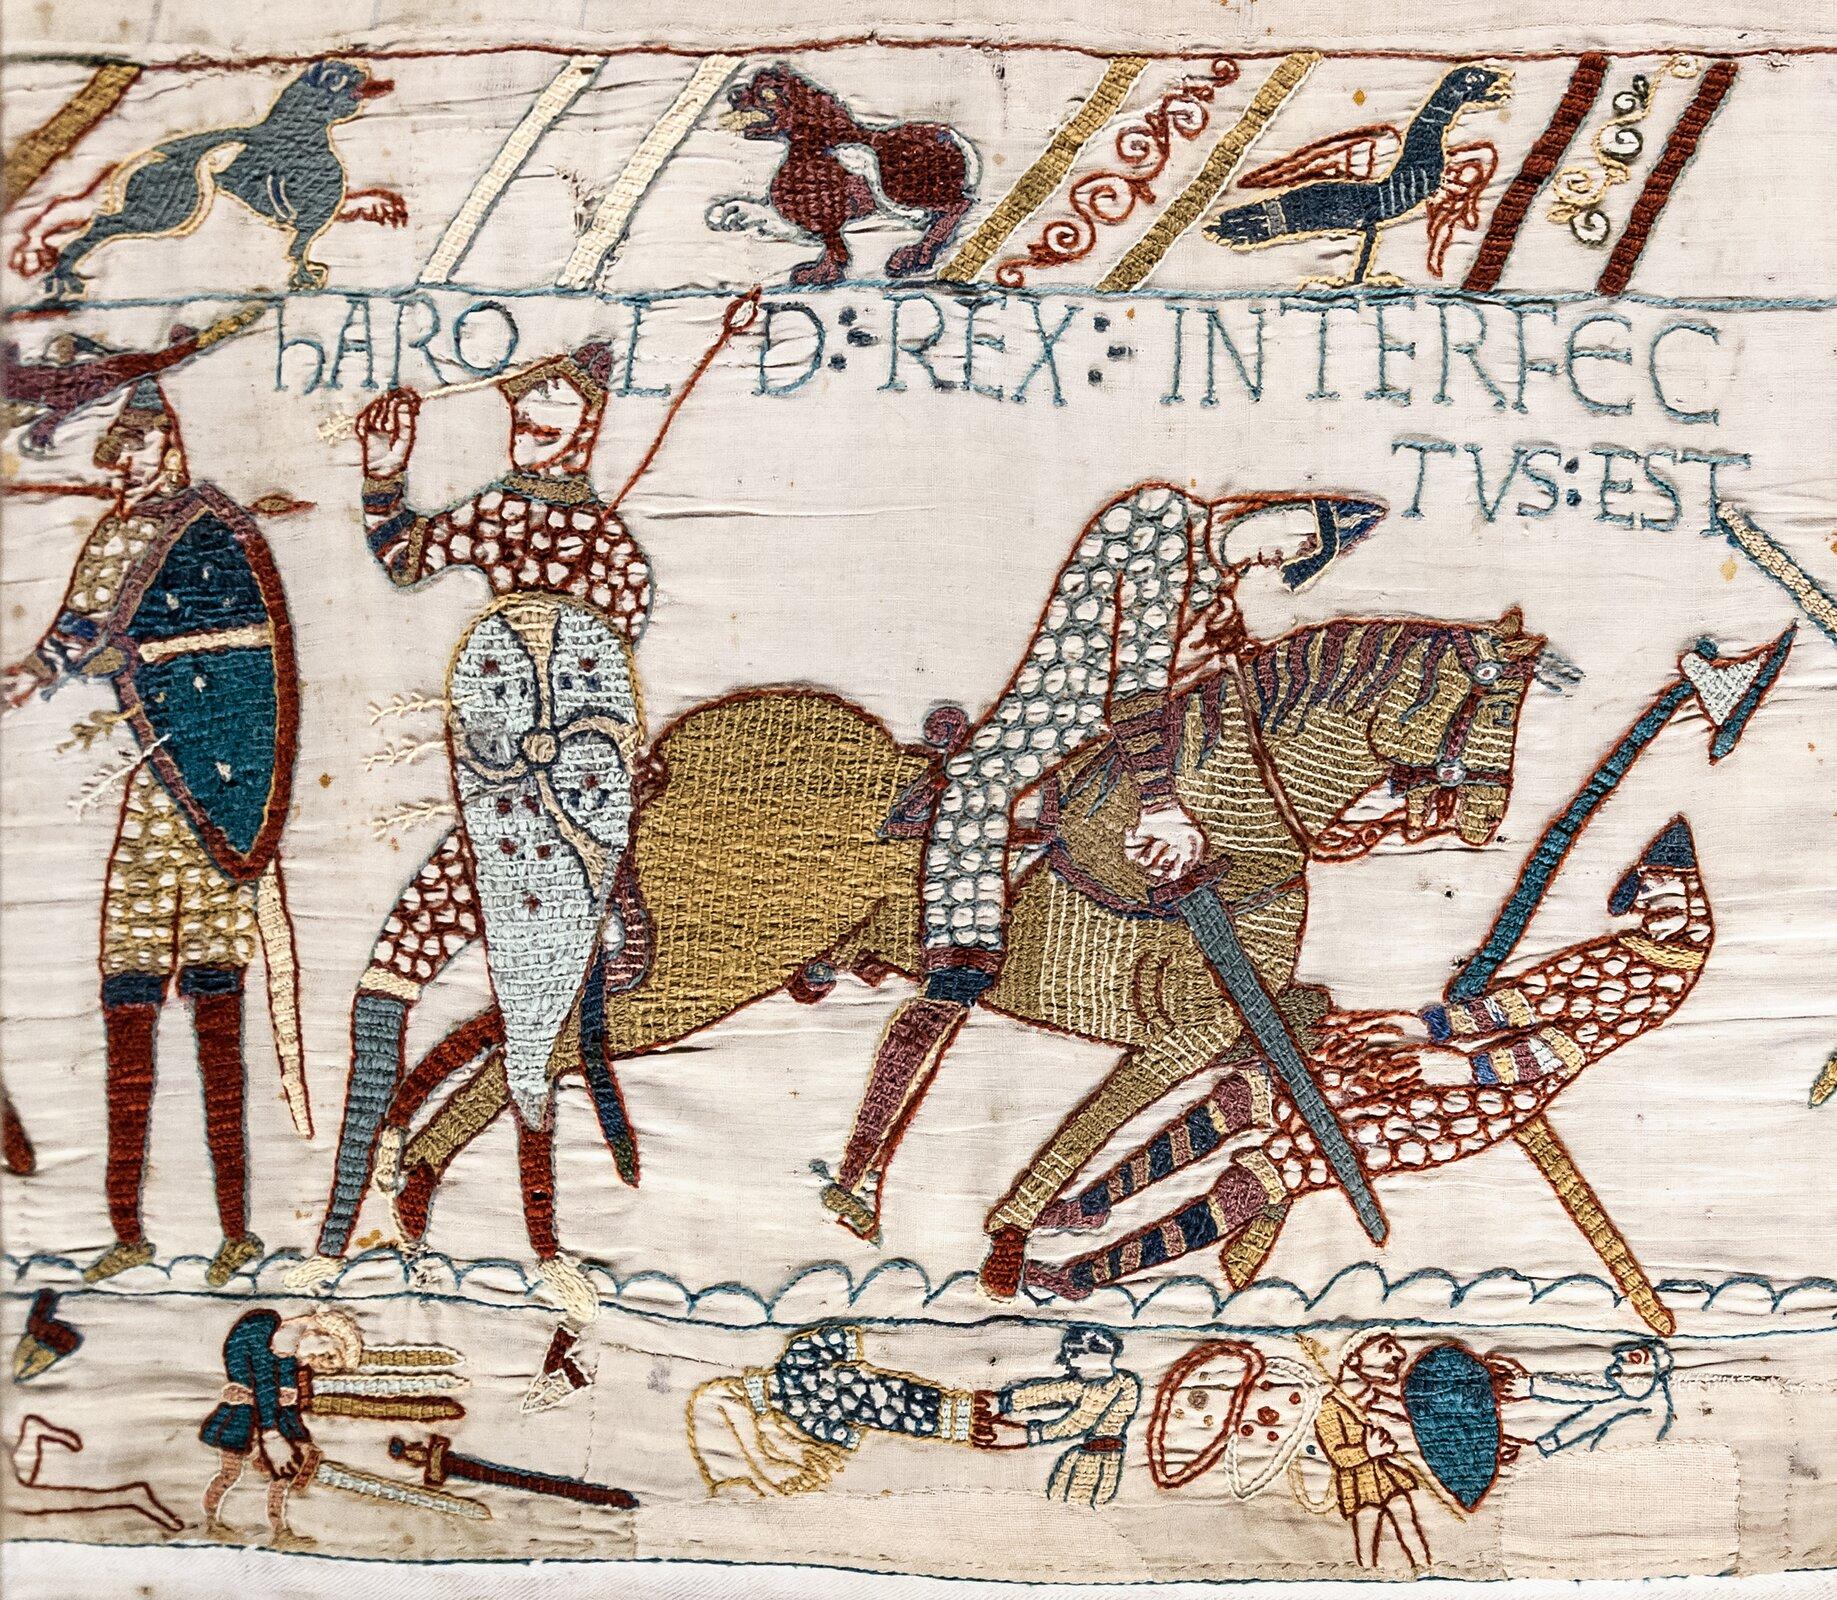 Ilustracja interaktywna przedstawia fragment tkaniny zBayeux. Ukazuje podbój Anglii przez Wilhelma Pierwszego Zdobywcę. Na ilustracji przedstawieni są czterej rycerze: dwaj po lewej trzymają wrękach tarcze zwbitymi wnie strzałami, po prawej rycerz na koniu zabija wroga wymierzając cios mieczem wprzeciwnika. Nad nimi zamieszczony jest pas zsymbolami zwierzęcymi oraz napis wjęzyku łacińskim. Na dole ukazane są miniatury ze sceny walki. Na ilustracji umieszczony jest interaktywny punkt zprzedstawieniem całej tkaniny, która zawiera pięćdziesiąt osiem scen przedstawiających historię podboju Anglii przez Wilhelma Zdobywcę. Ukazują one tysiąc postaci, realistycznie odwzorowane zwierzęta oraz przedmioty codziennego użytku. Normanowie przedstawieni zostali jako osoby okrótkich włosach iogolonych twarzach, natomiast ich anglosascy przeciwnicy mają długie włosy iwąsy.